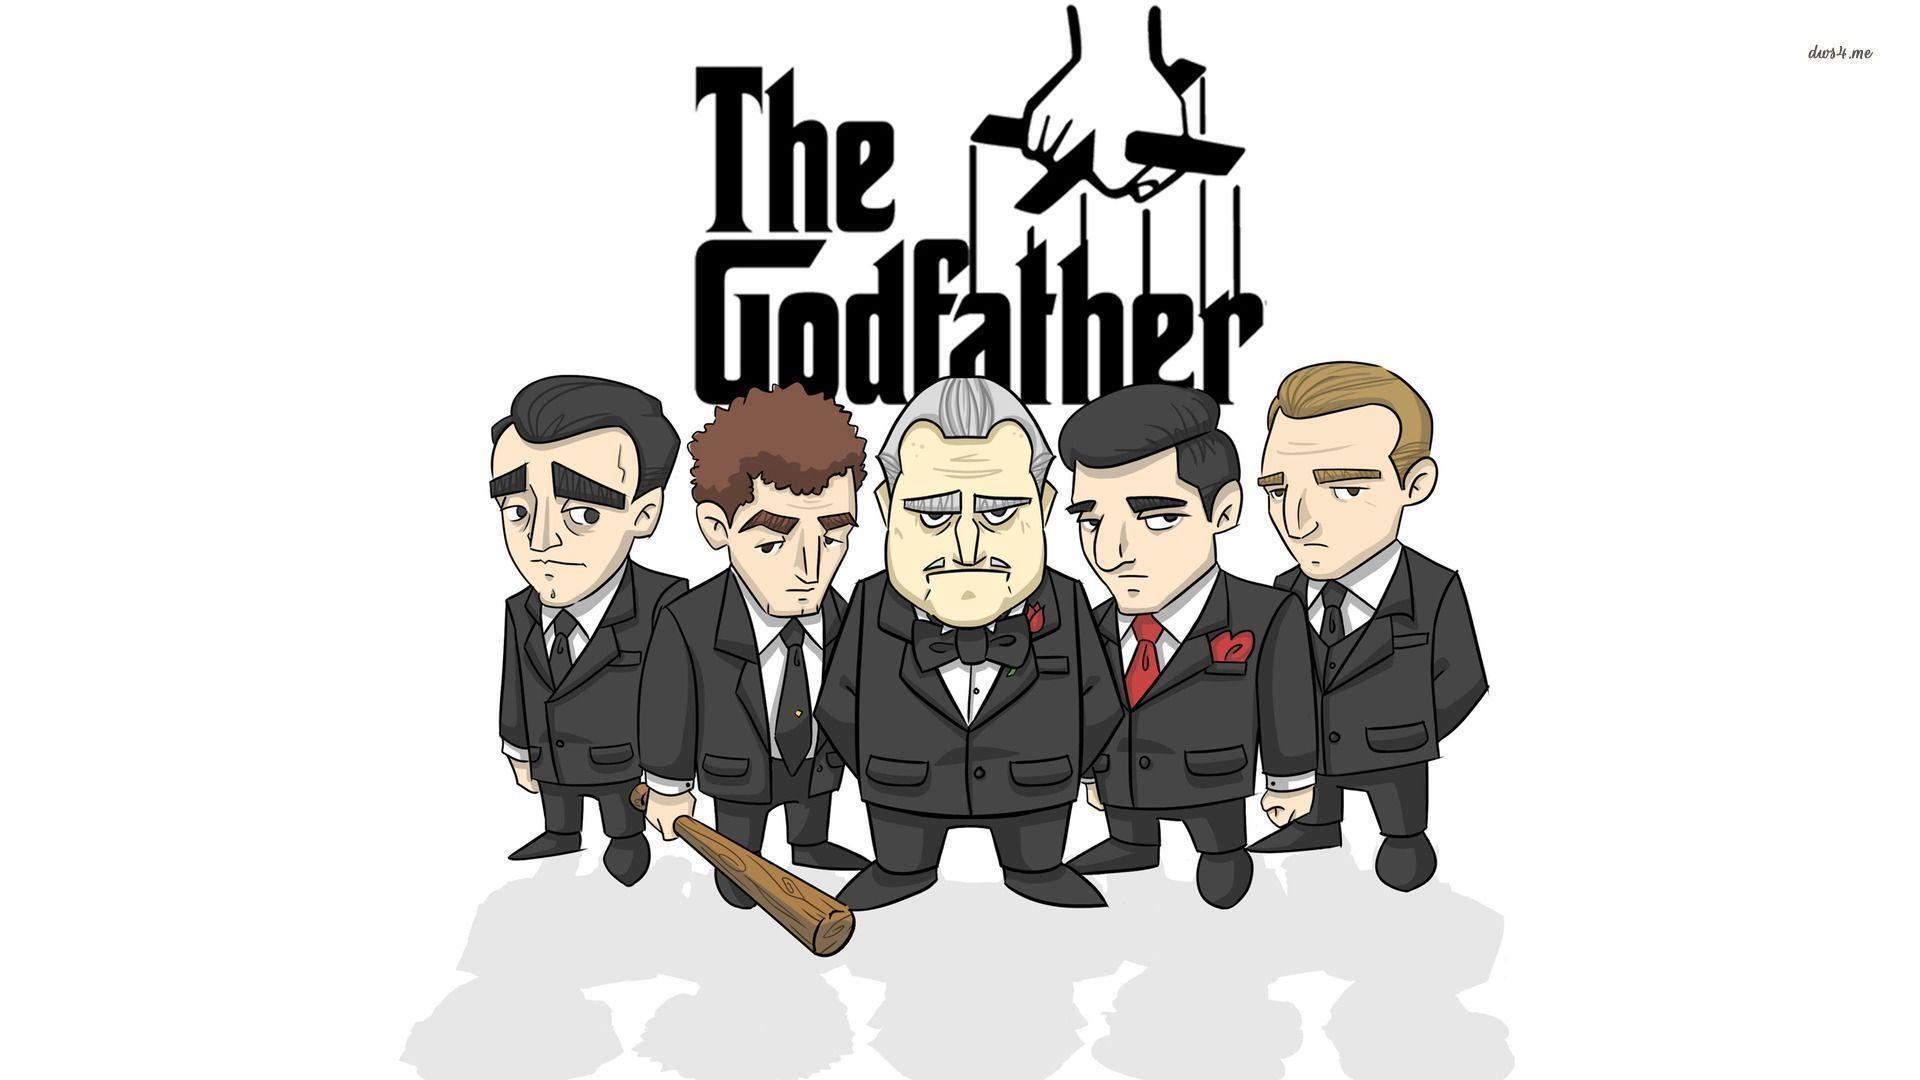 9313-the-godfather-1920x1080- ...